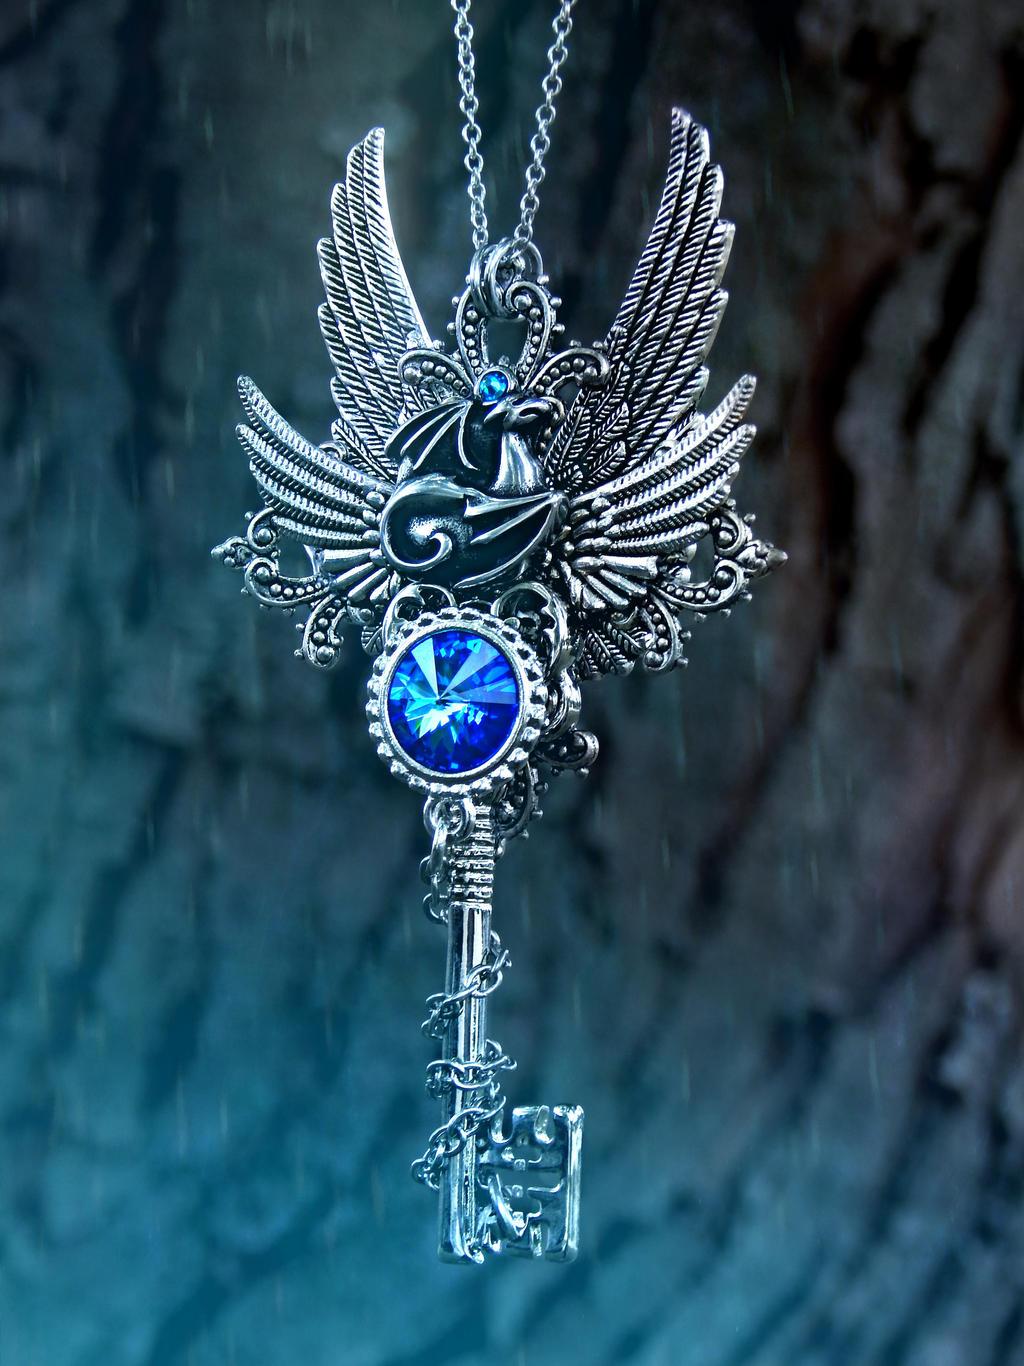 Dragon Dreams Fantasy Key